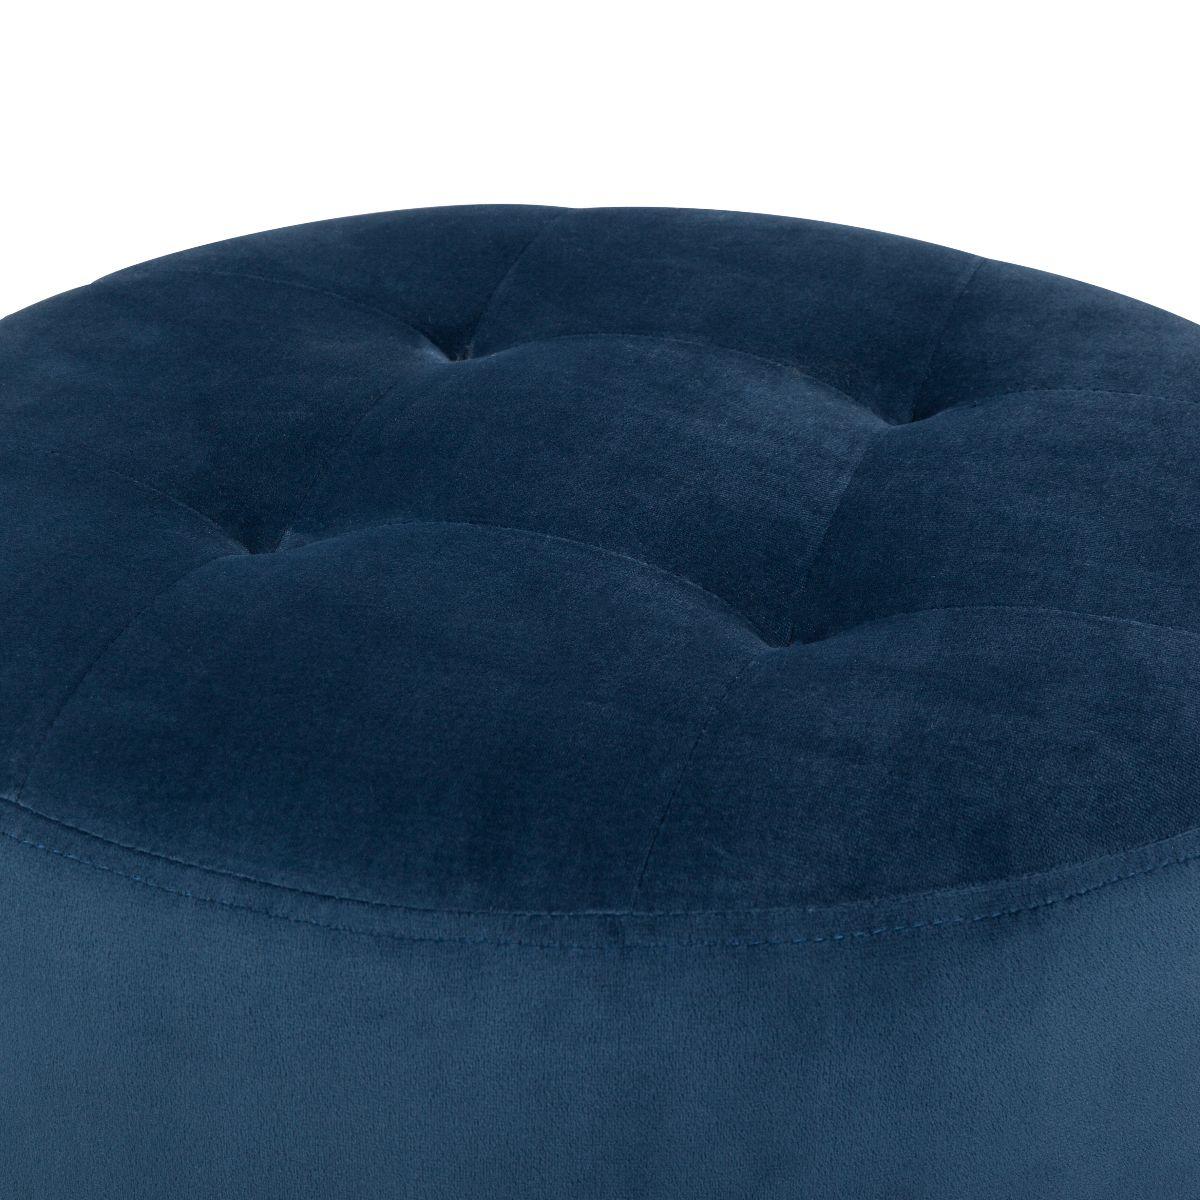 Ongekend Op zoek naar een luxueuze blauwe hocker? | Hockers | kameraankleden.nl HF-42